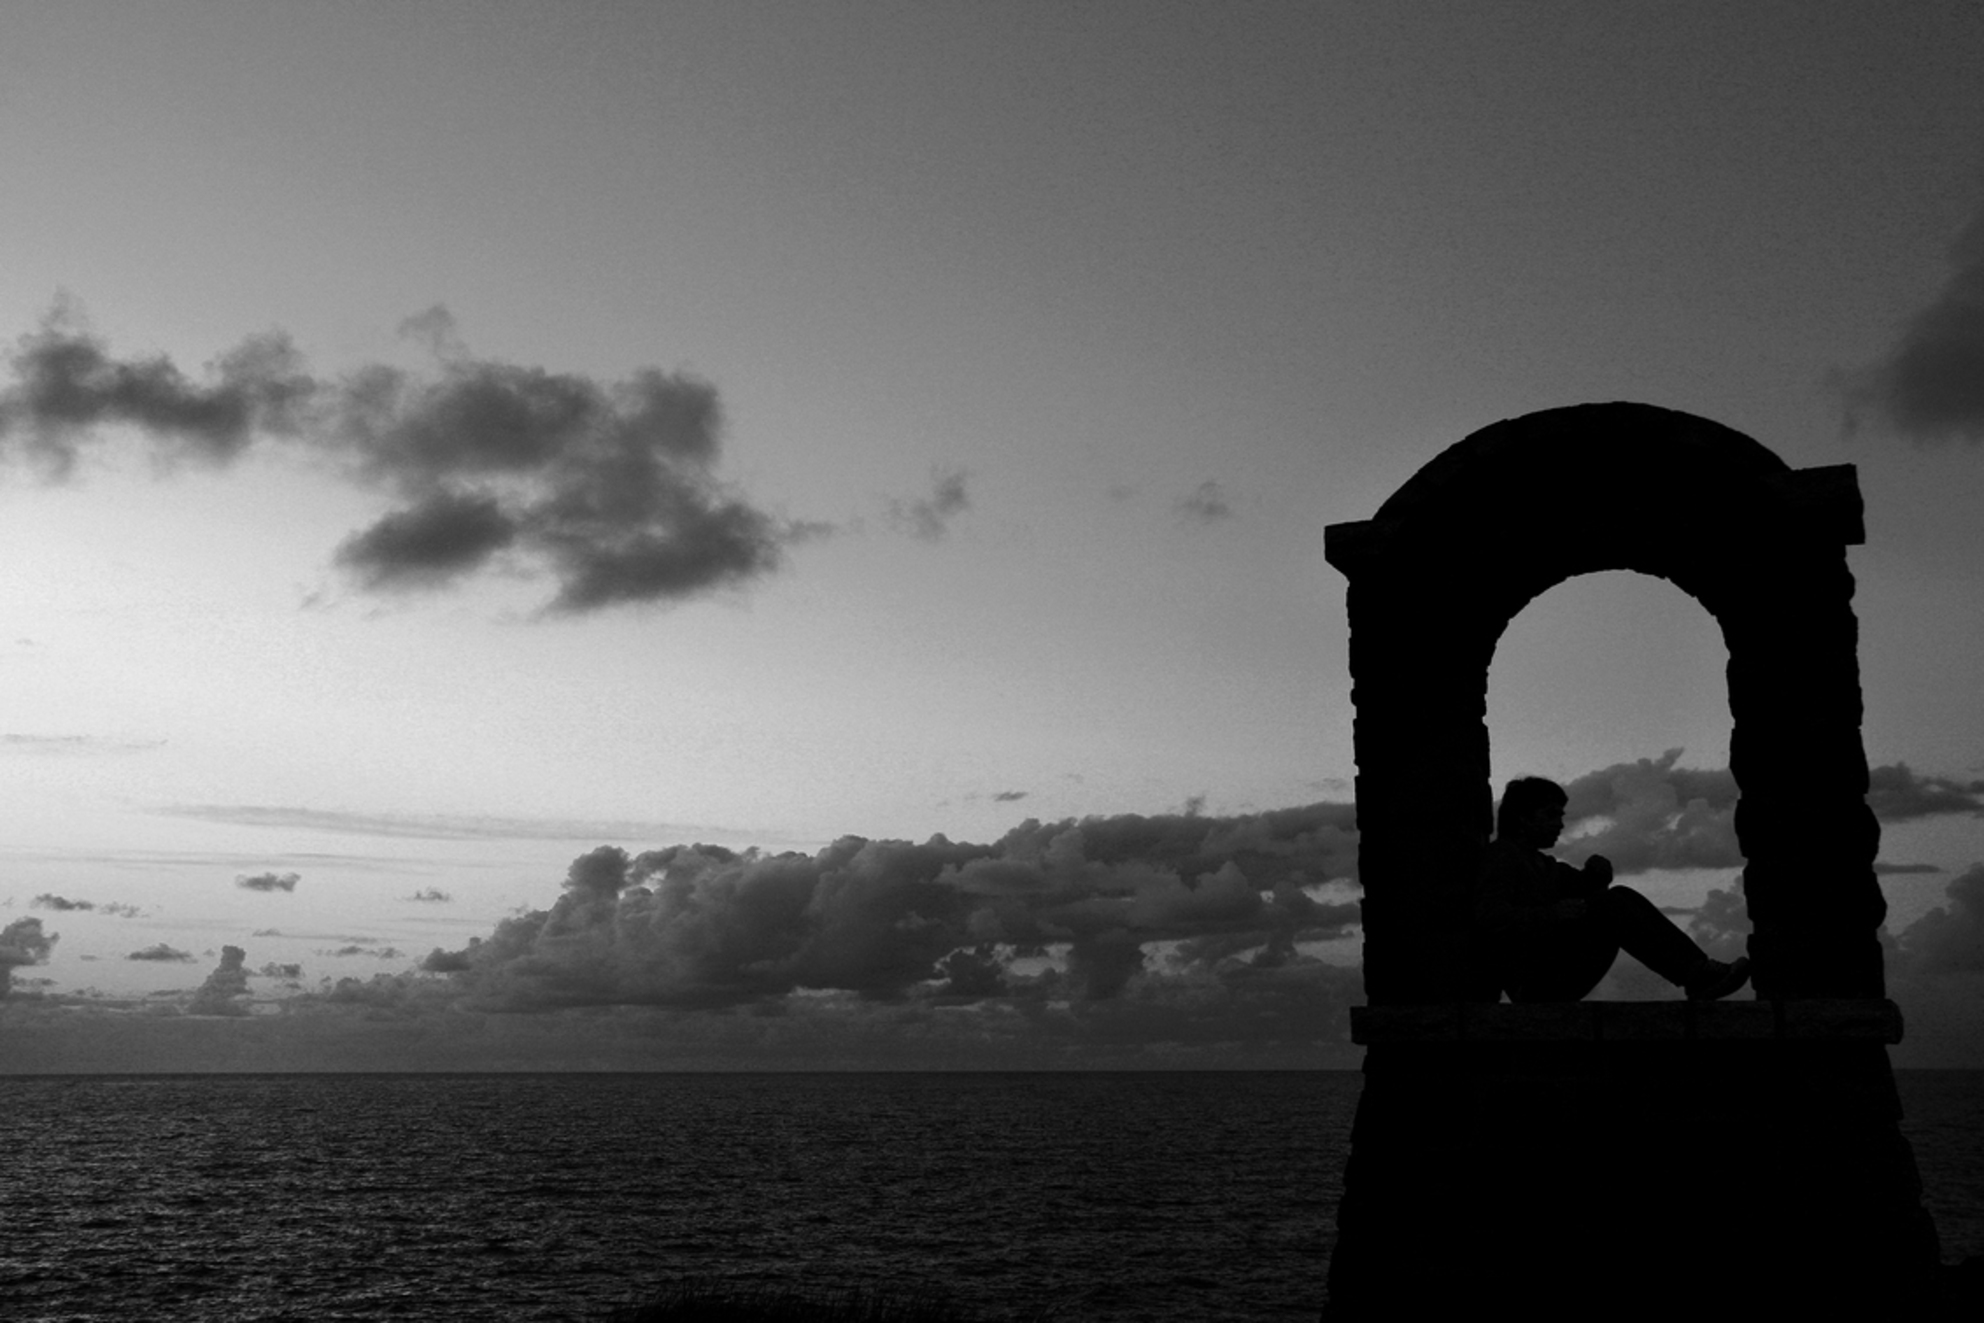 De gedachte - Tijdens zonsondergang liep ik voorbij een kleine poort met een jongen in gedachten verzonken. - foto door mennovermeulen op 09-05-2010 - deze foto bevat: wolken, zon, zee, zonsondergang, silhouet, poort, denken, menno vermeulen